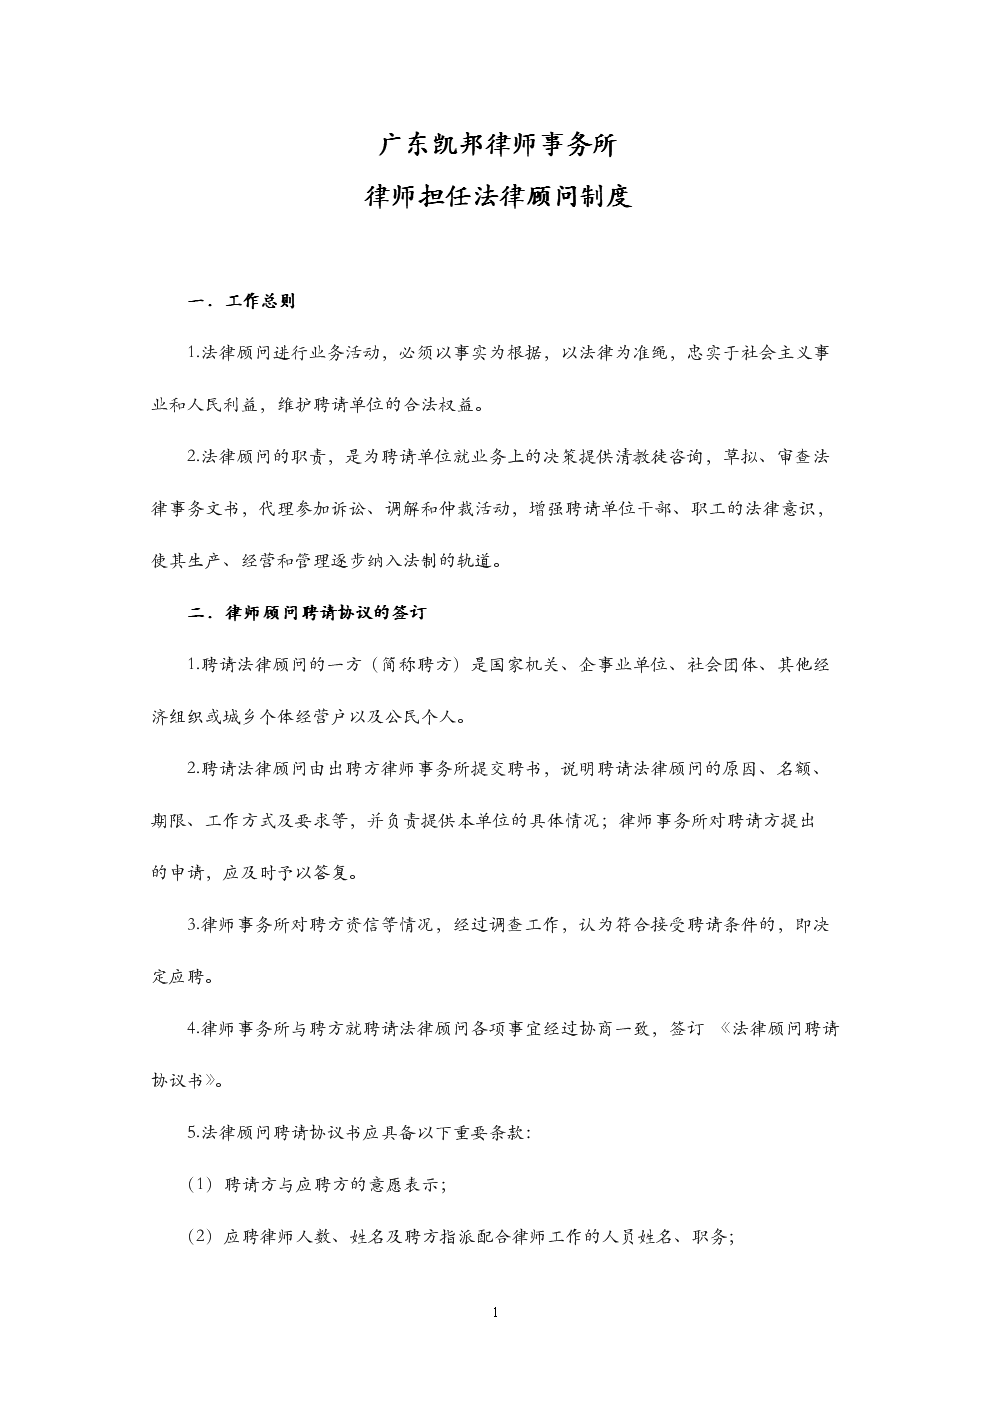 律师事务所之规章制度.doc